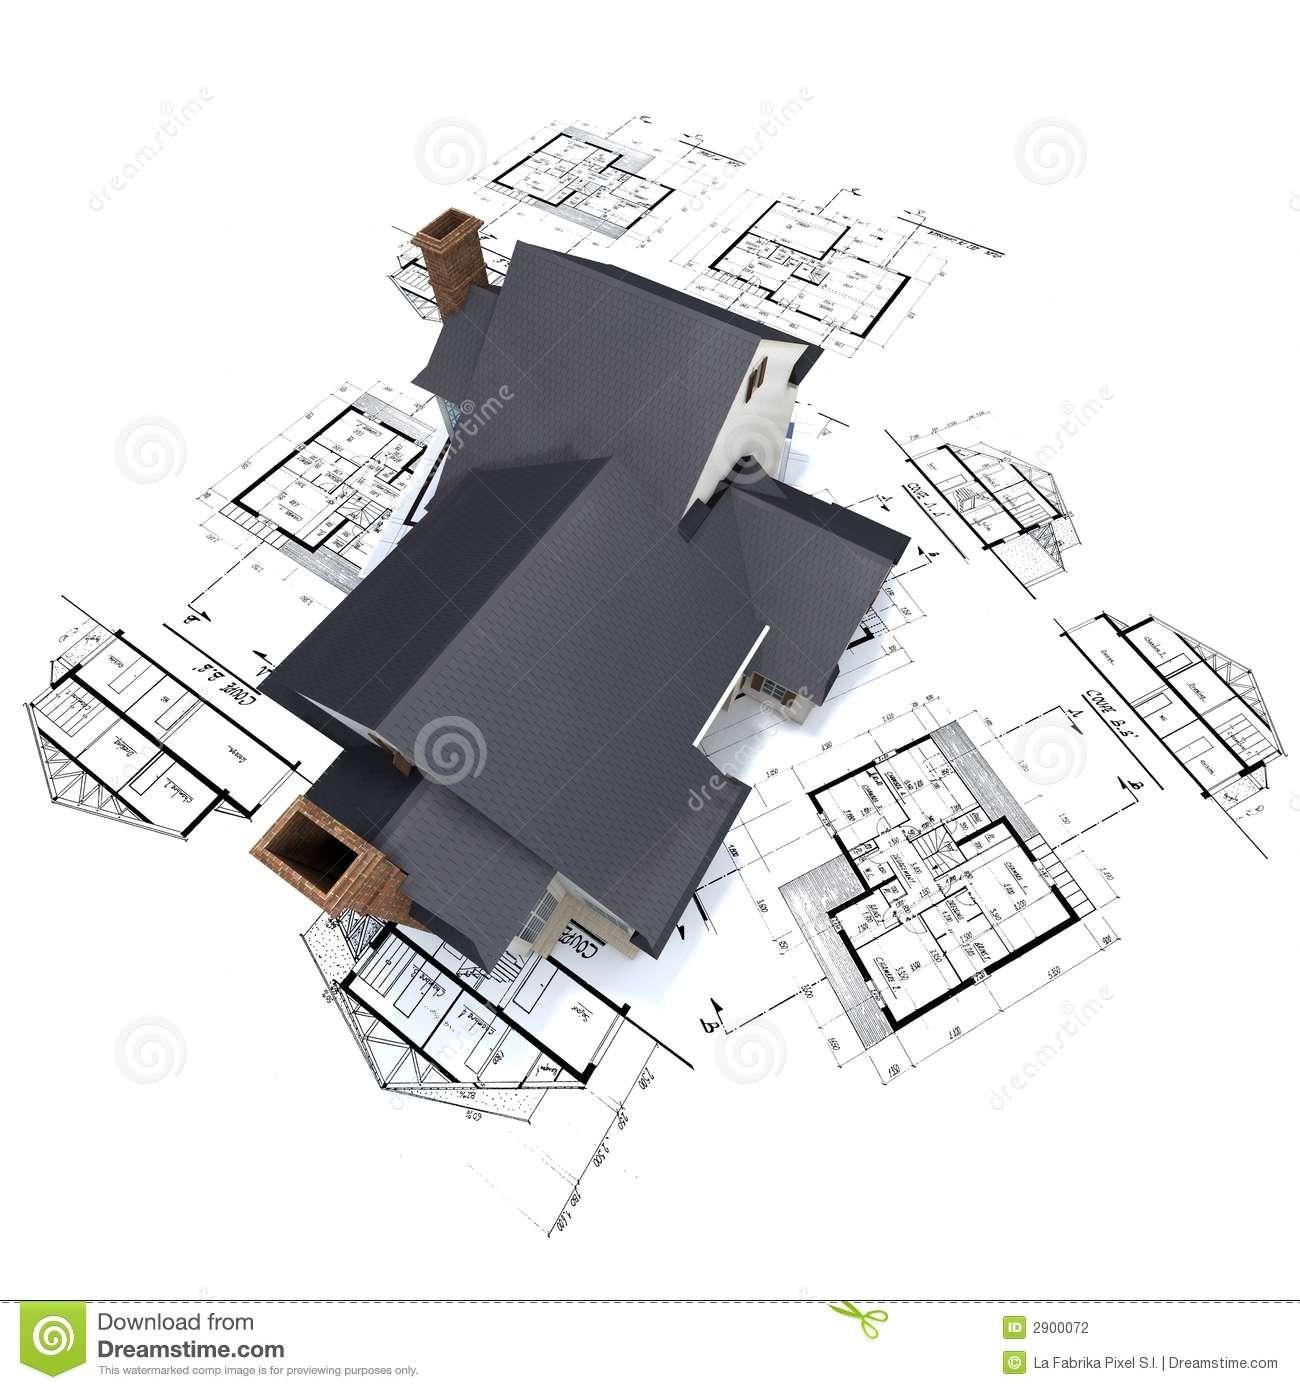 Residential House Plans Illustration